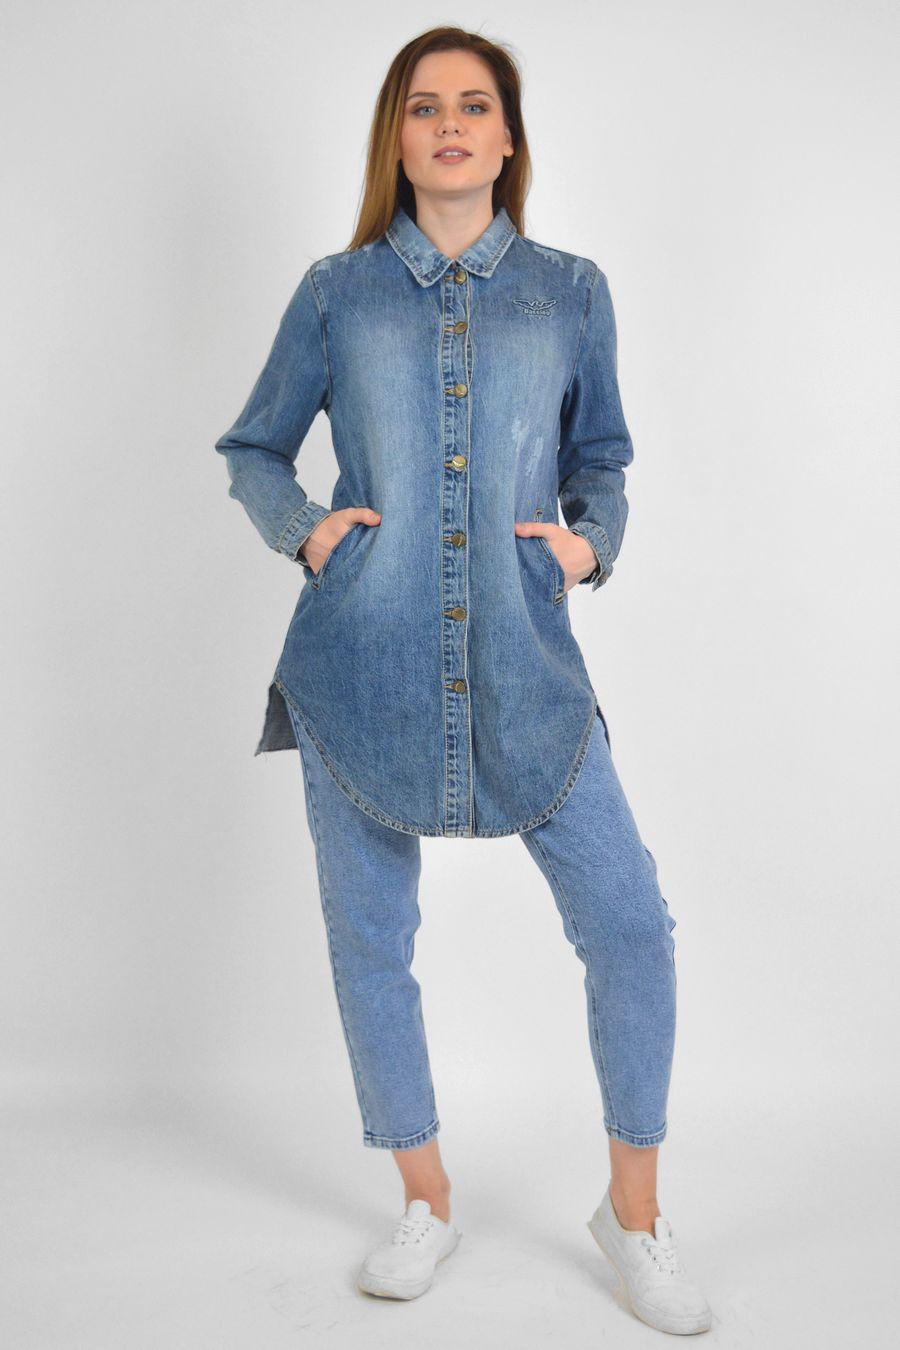 Рубашка женская Baccino 6081 джинсовая - фото 2